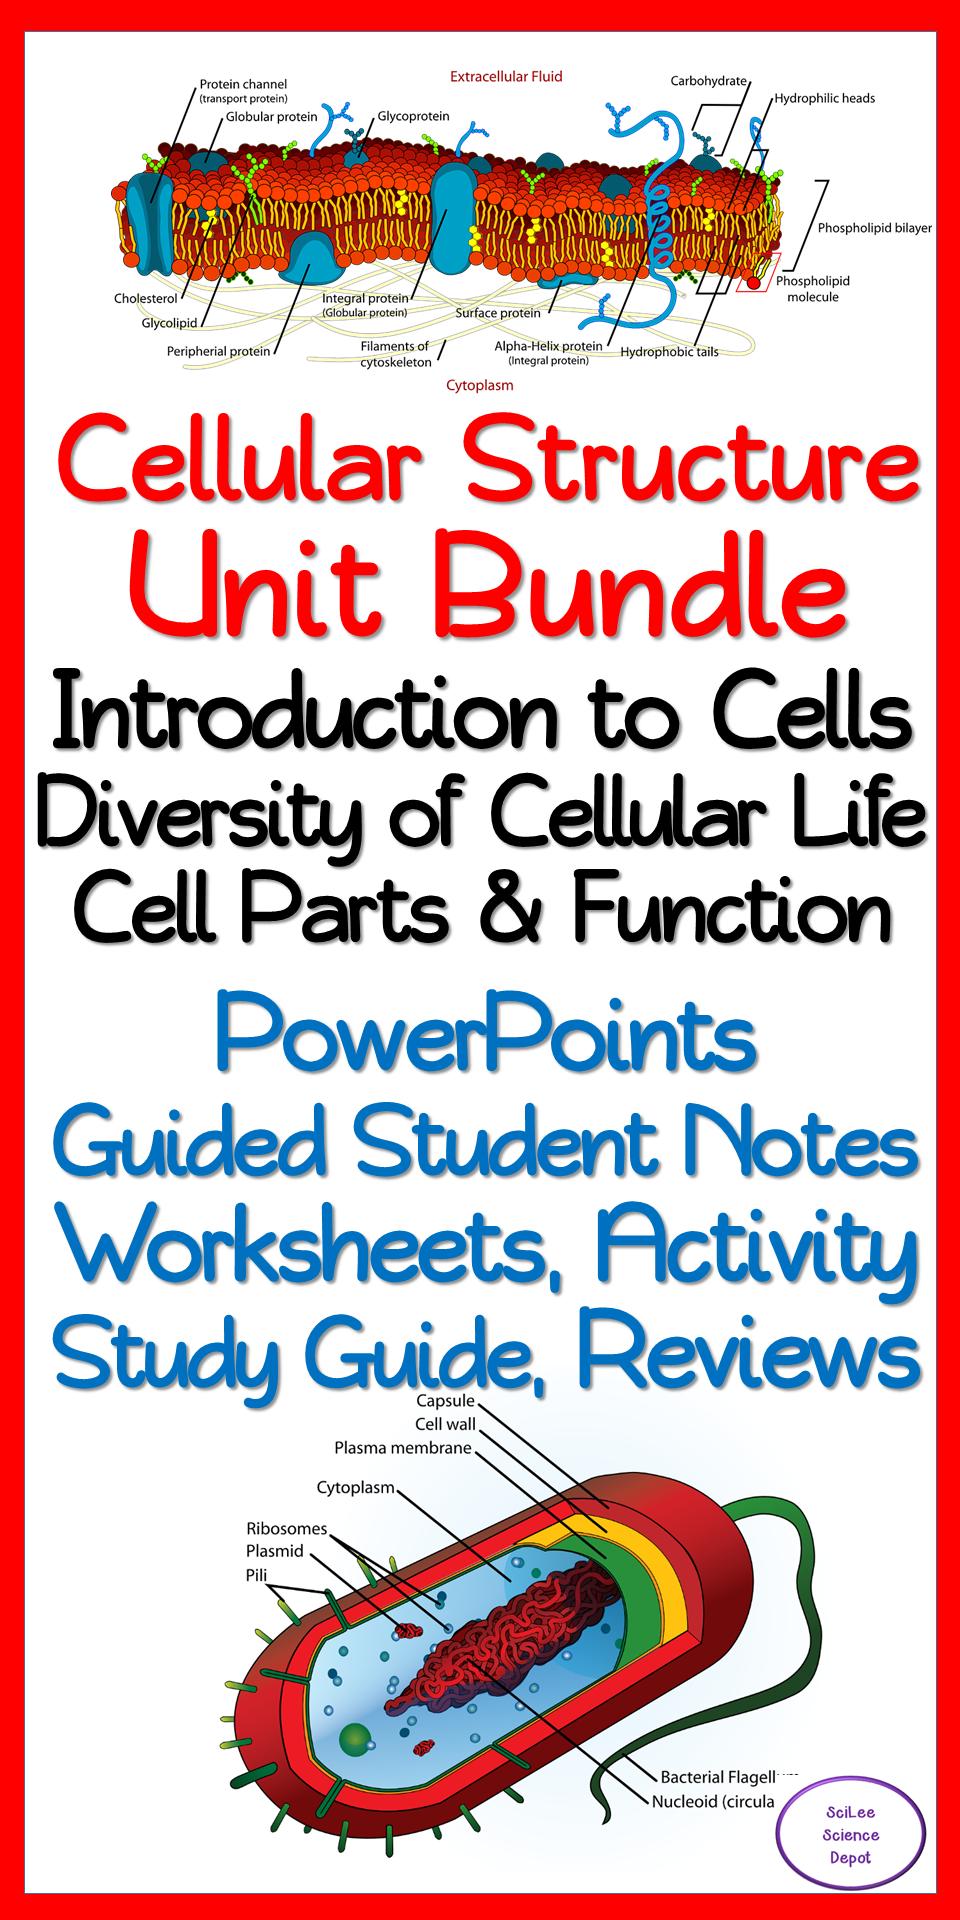 Cellular Structure & Function 10 Day NO PREP Unit Bundle